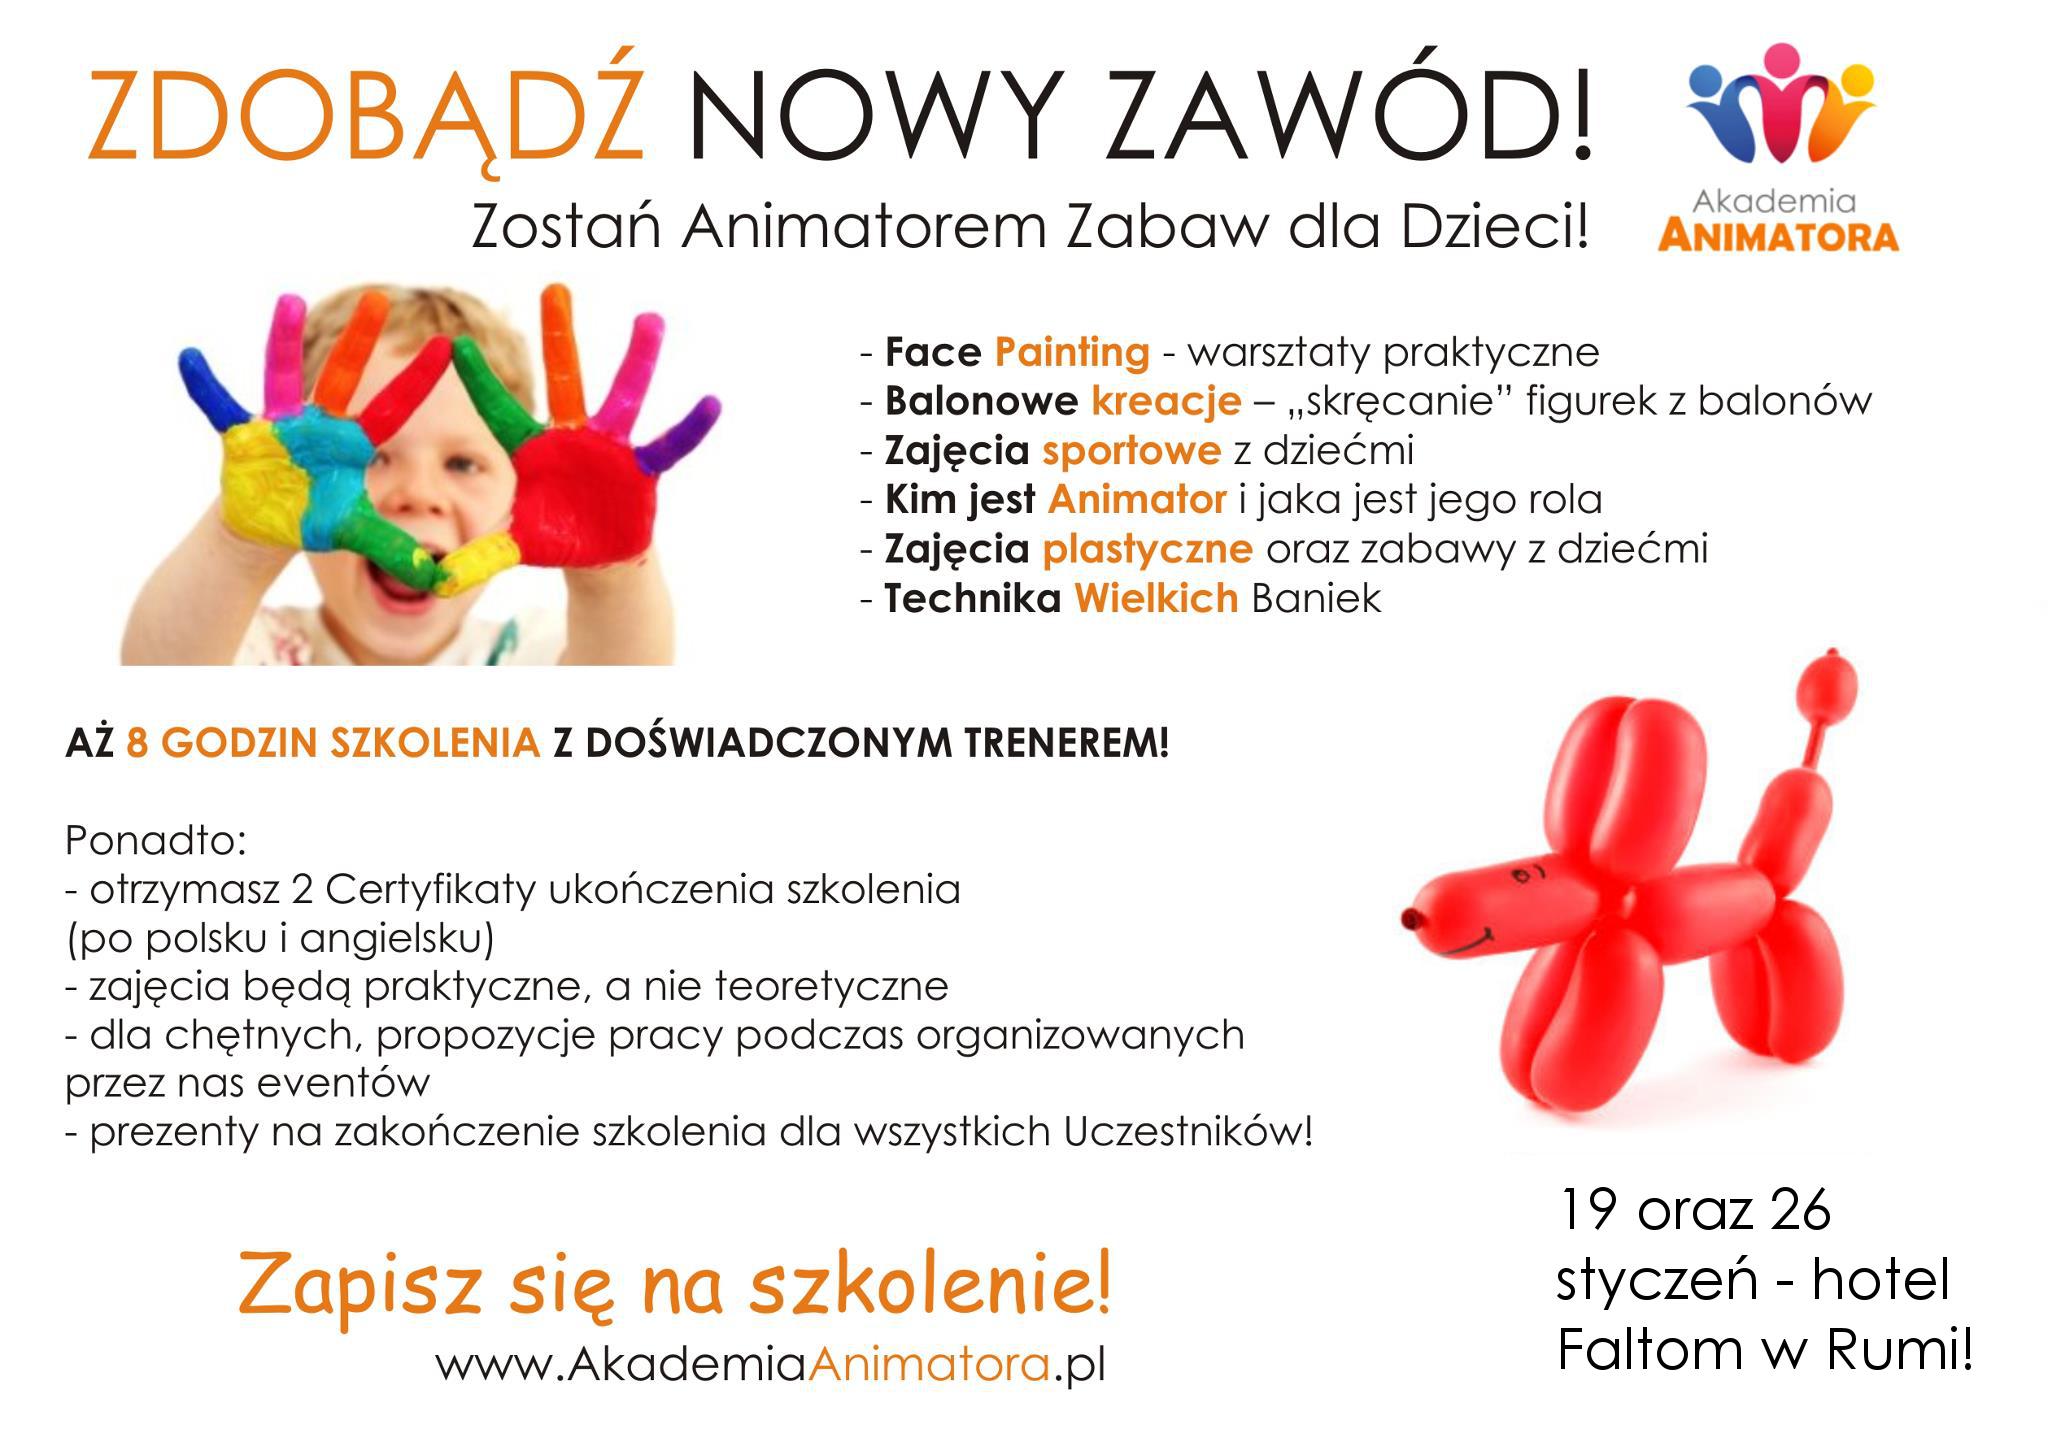 Akademia_Animatora_zaproszenie_19_26